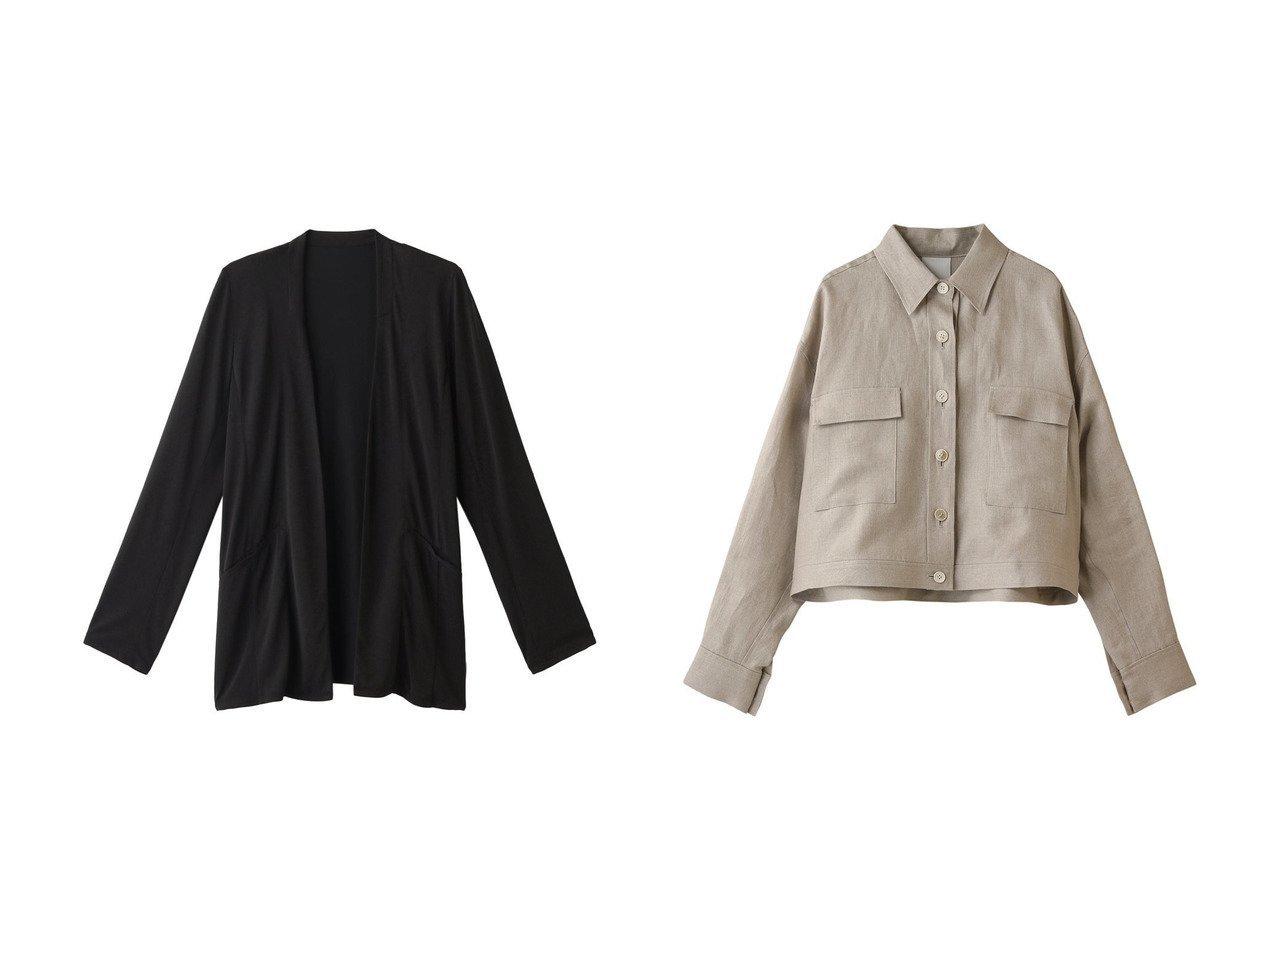 【Whim Gazette/ウィムガゼット】のリネンシャツブルゾン&【three dots/スリー ドッツ】のジャケット 【アウター】おすすめ!人気、トレンド・レディースファッションの通販 おすすめで人気の流行・トレンド、ファッションの通販商品 インテリア・家具・メンズファッション・キッズファッション・レディースファッション・服の通販 founy(ファニー) https://founy.com/ ファッション Fashion レディースファッション WOMEN アウター Coat Outerwear ジャケット Jackets ブルゾン Blouson/Jackets トップス・カットソー Tops/Tshirt シャツ/ブラウス Shirts/Blouses なめらか カーディガン ジャケット リラックス おすすめ Recommend セットアップ ブルゾン リネン 春 Spring  ID:crp329100000055916